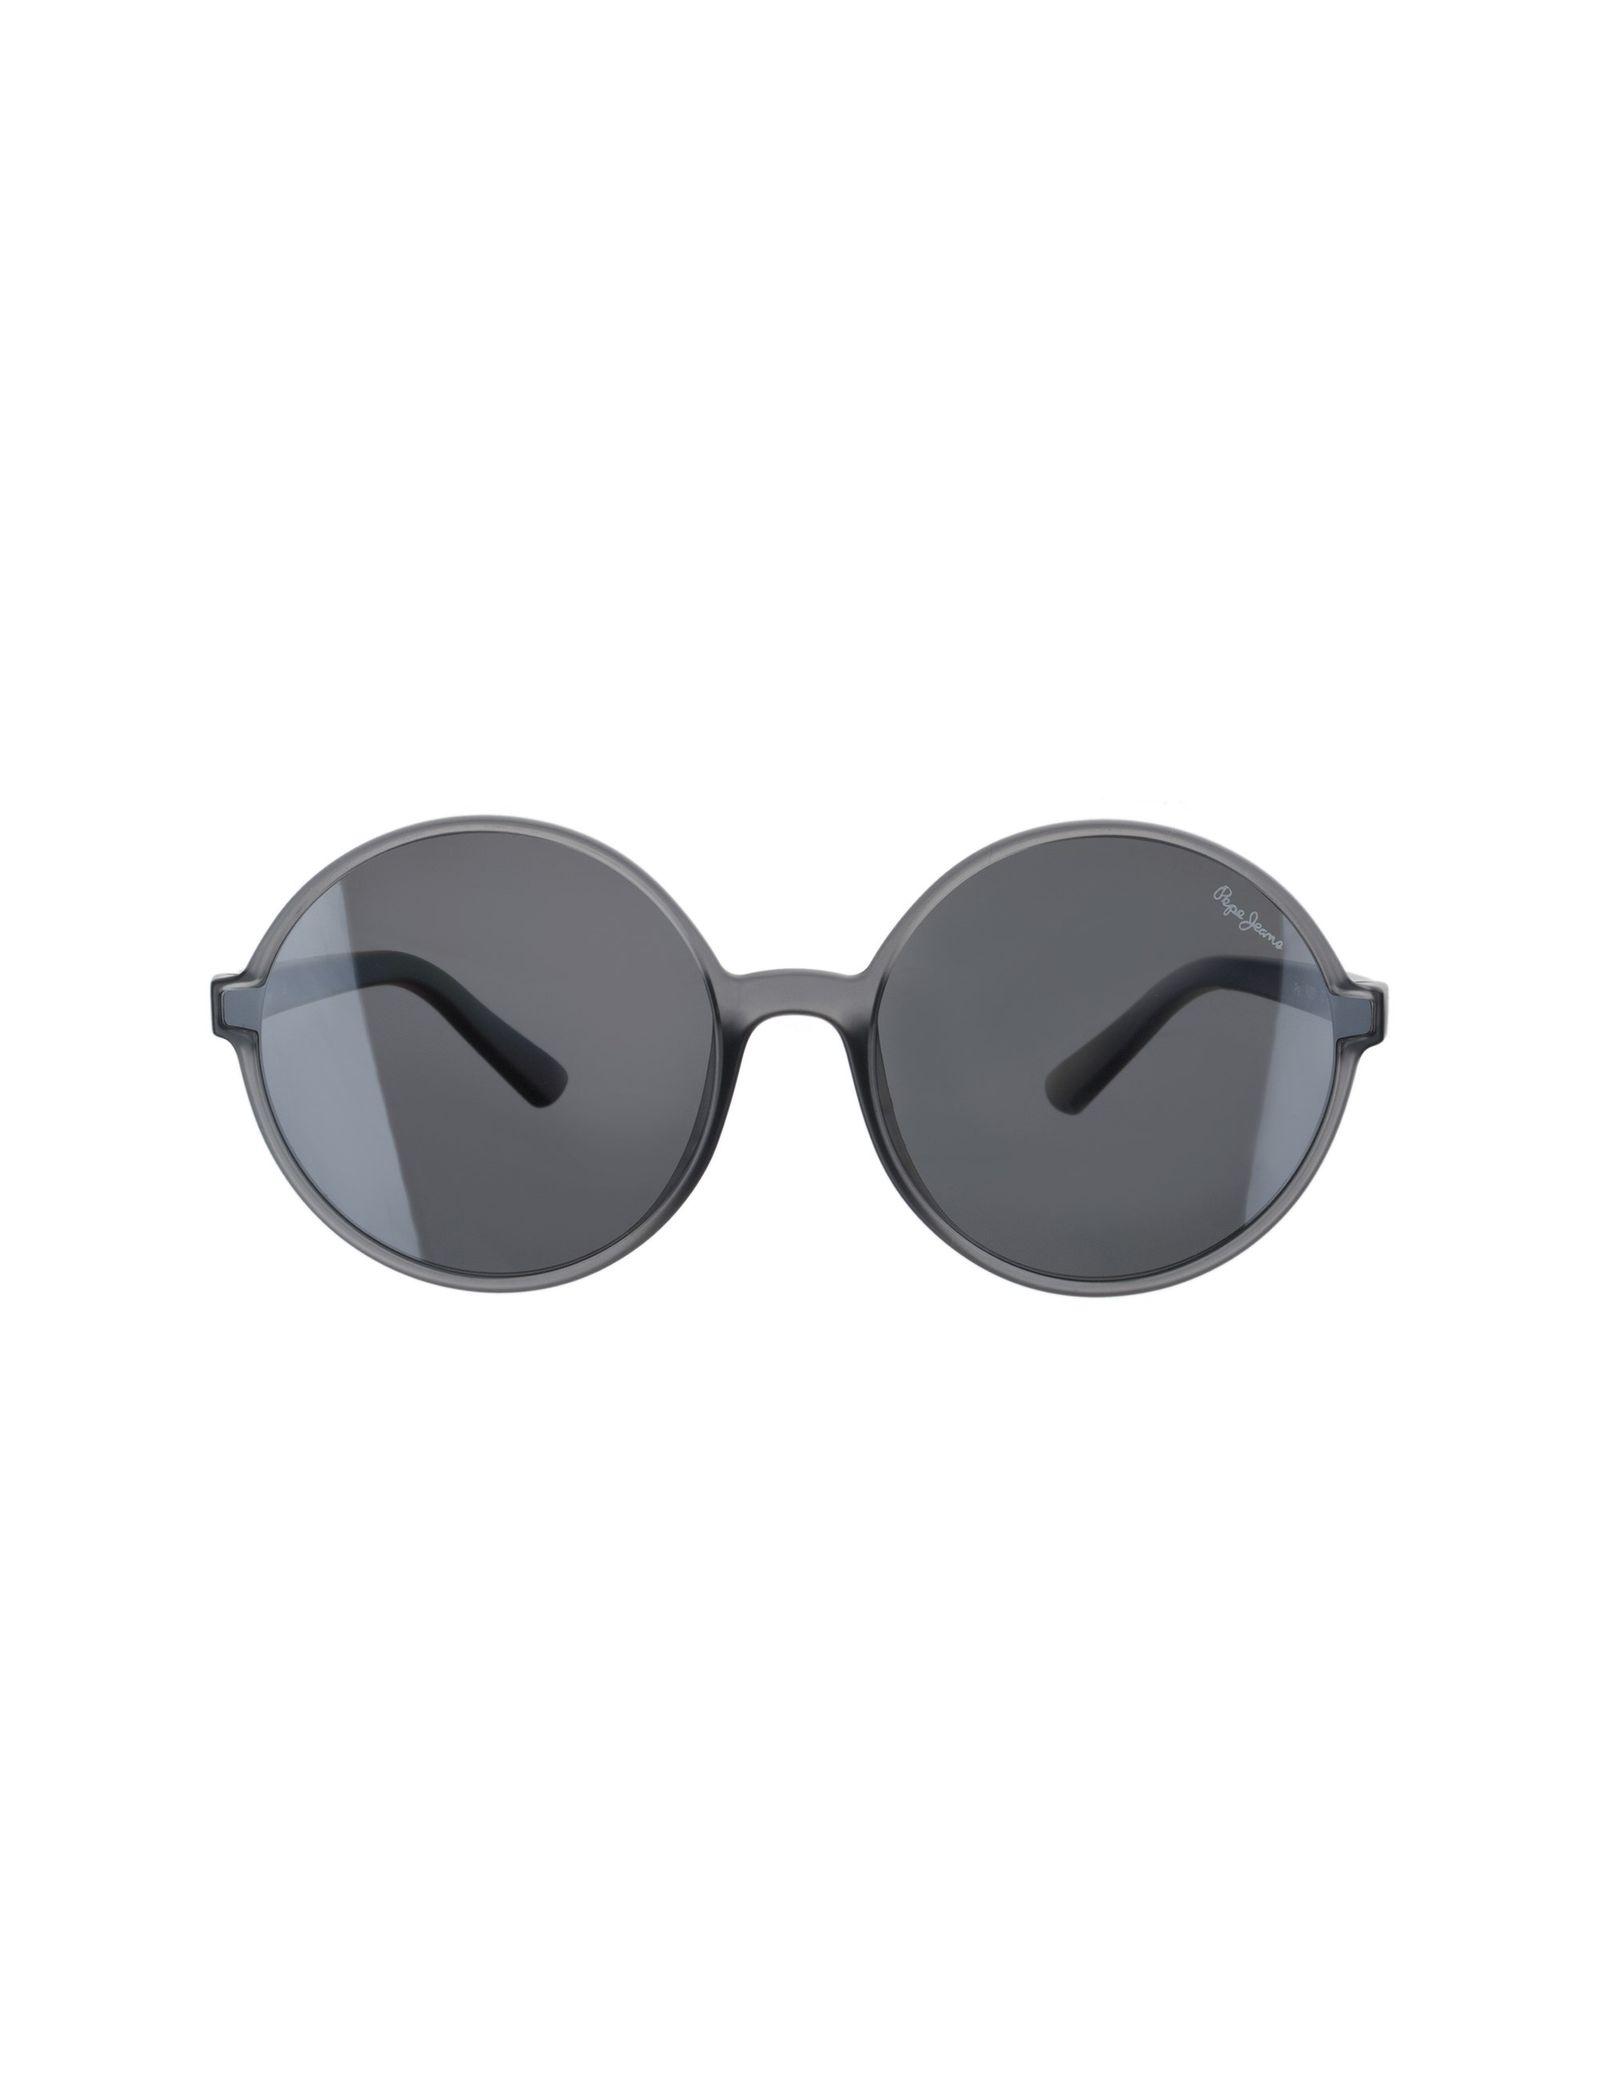 عینک آفتابی گرد زنانه - پپه جینز - طوسي - 1